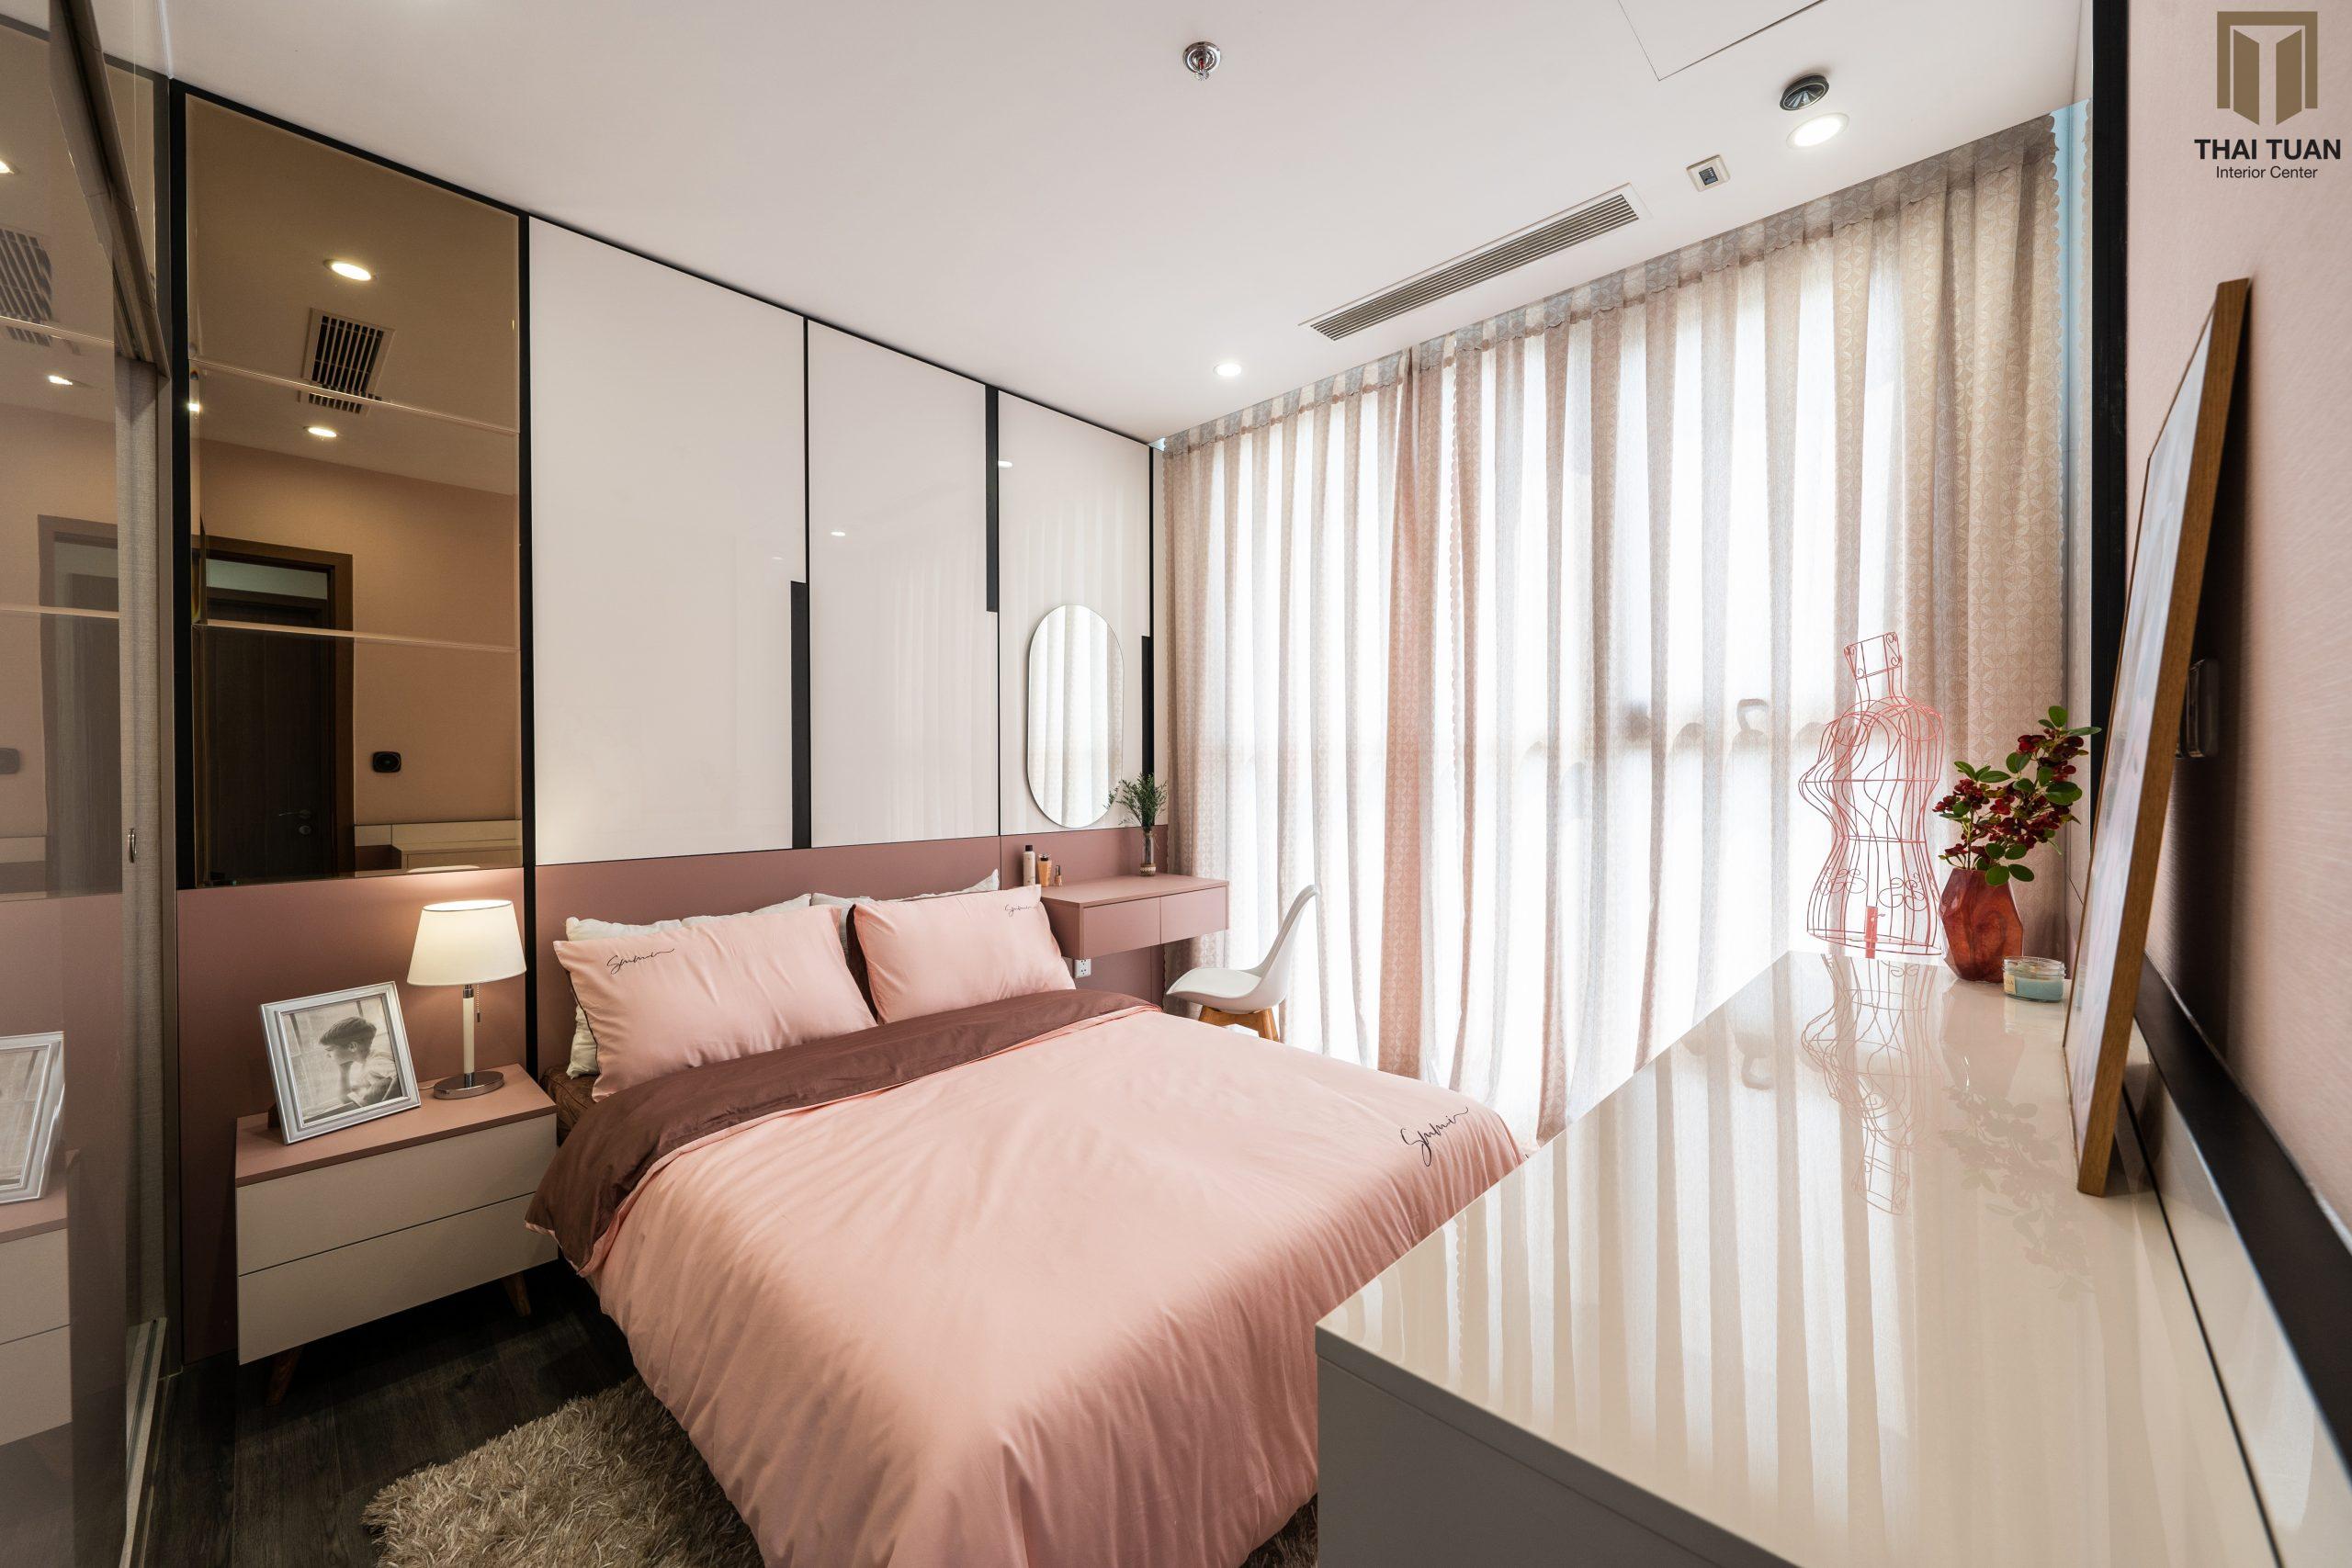 Điểm nhấn là phòng ngủ với sắc hồng nữ tính